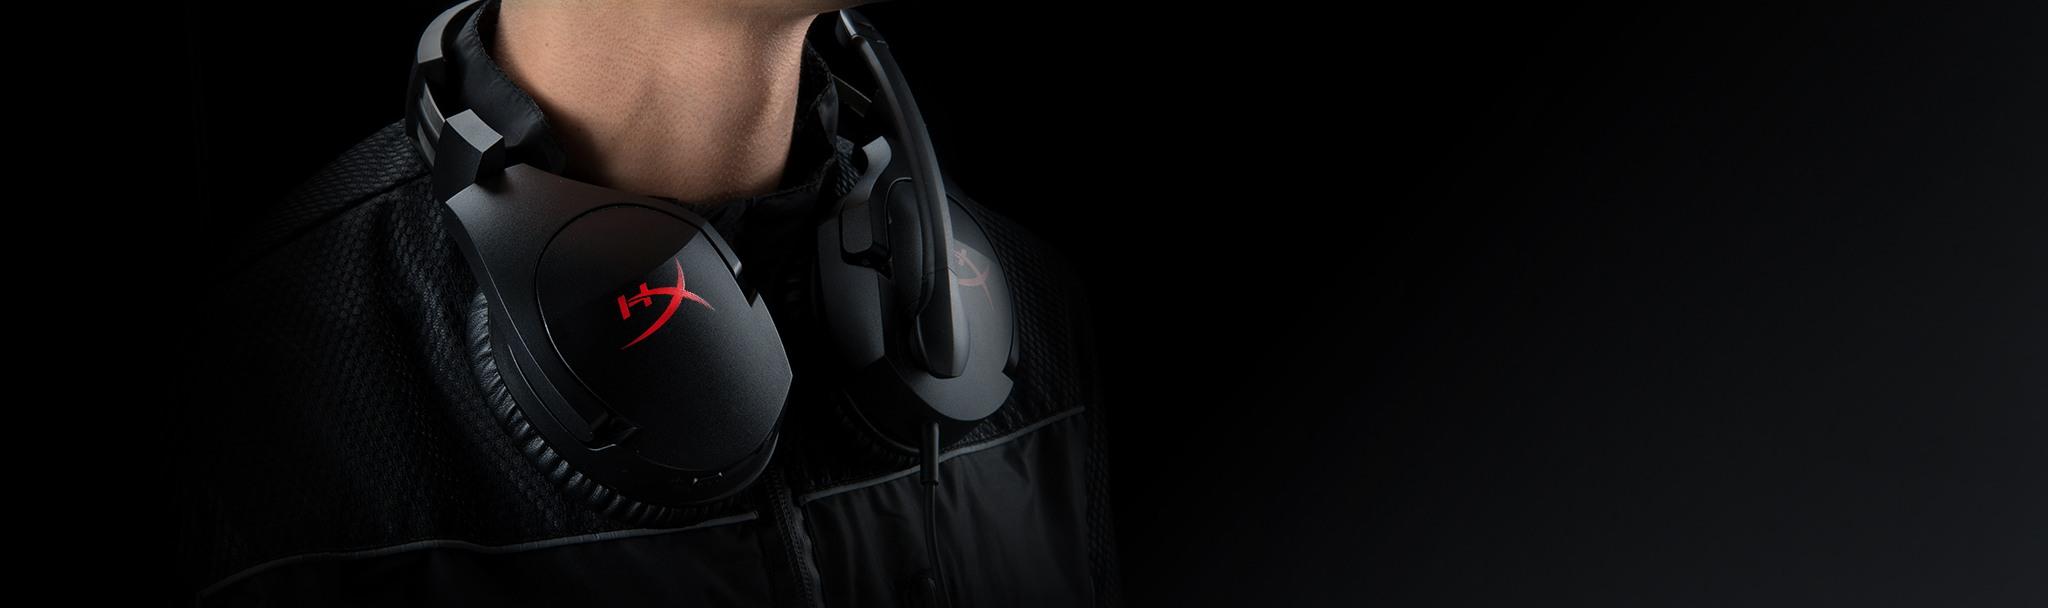 Tai nghe Kingston HyperX Cloud Stinger Gaming Black (HX-HSCS-BK/AS) có trọng lượng rất nhẹ